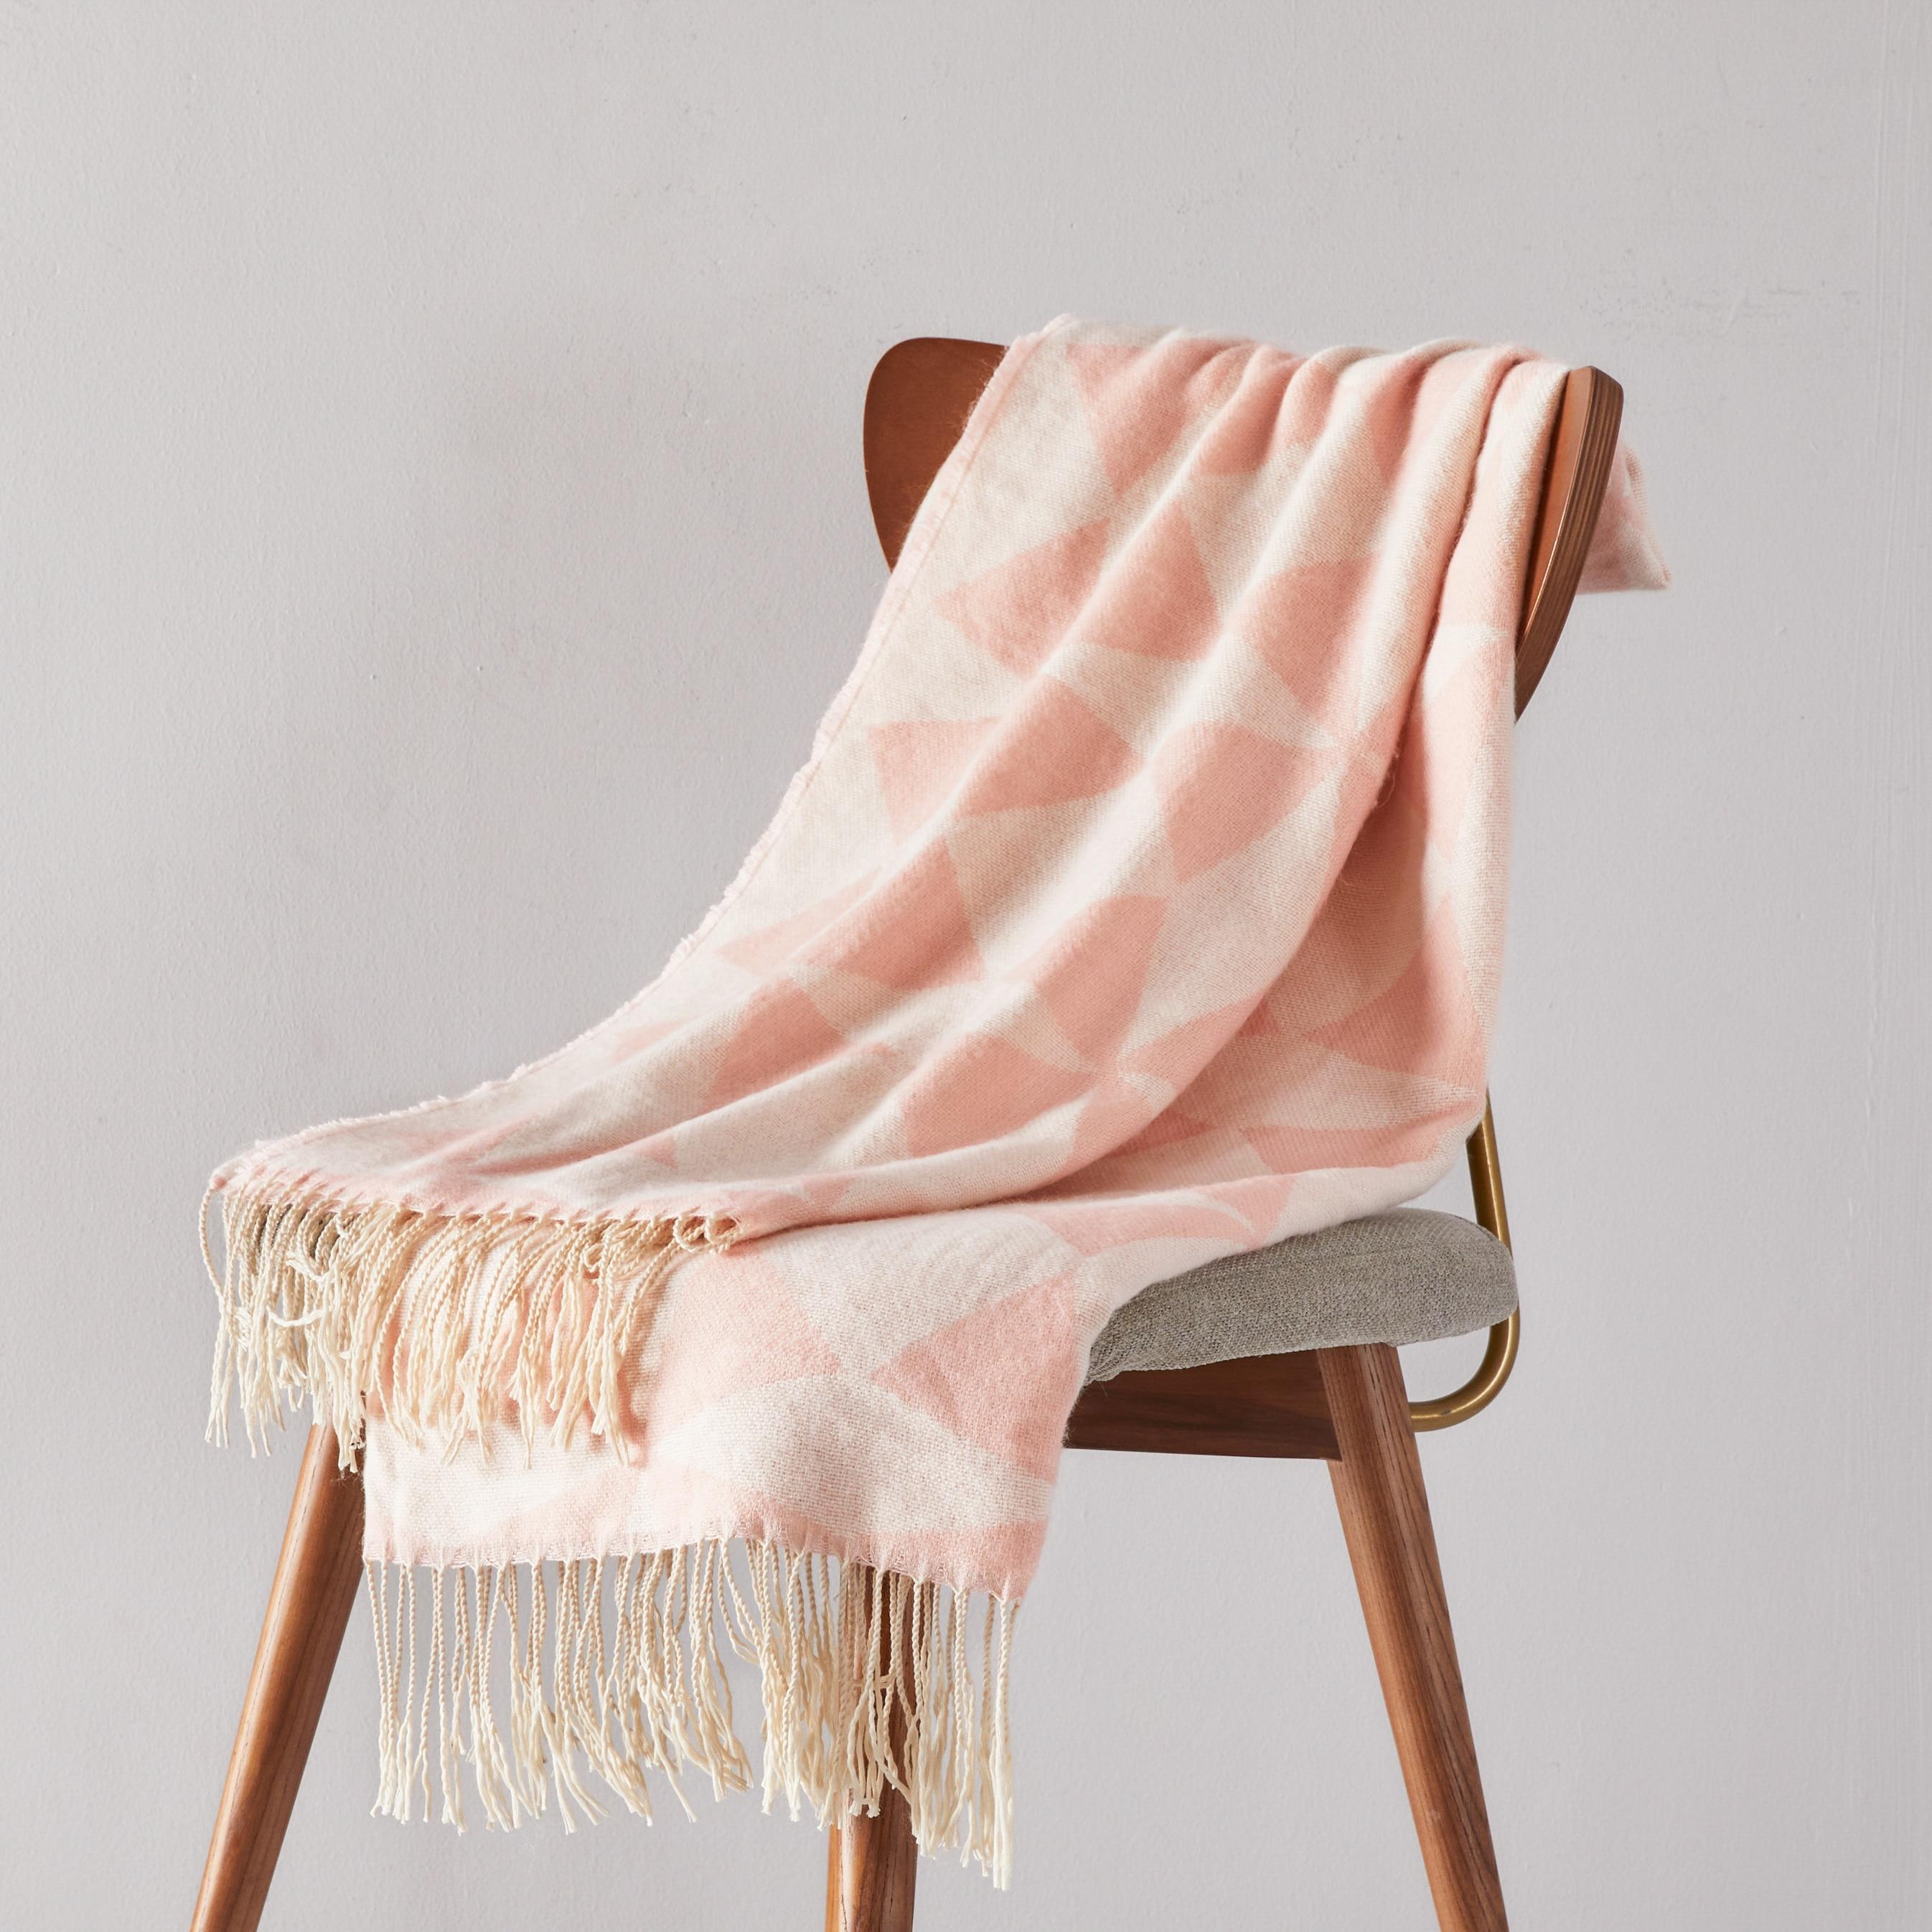 لون نقي محبوك غطاء مكيف الهواء قيلولة بطانية مريحة ودافئة شرابة بلون غطاء السرير غطاء أريكة الوردي